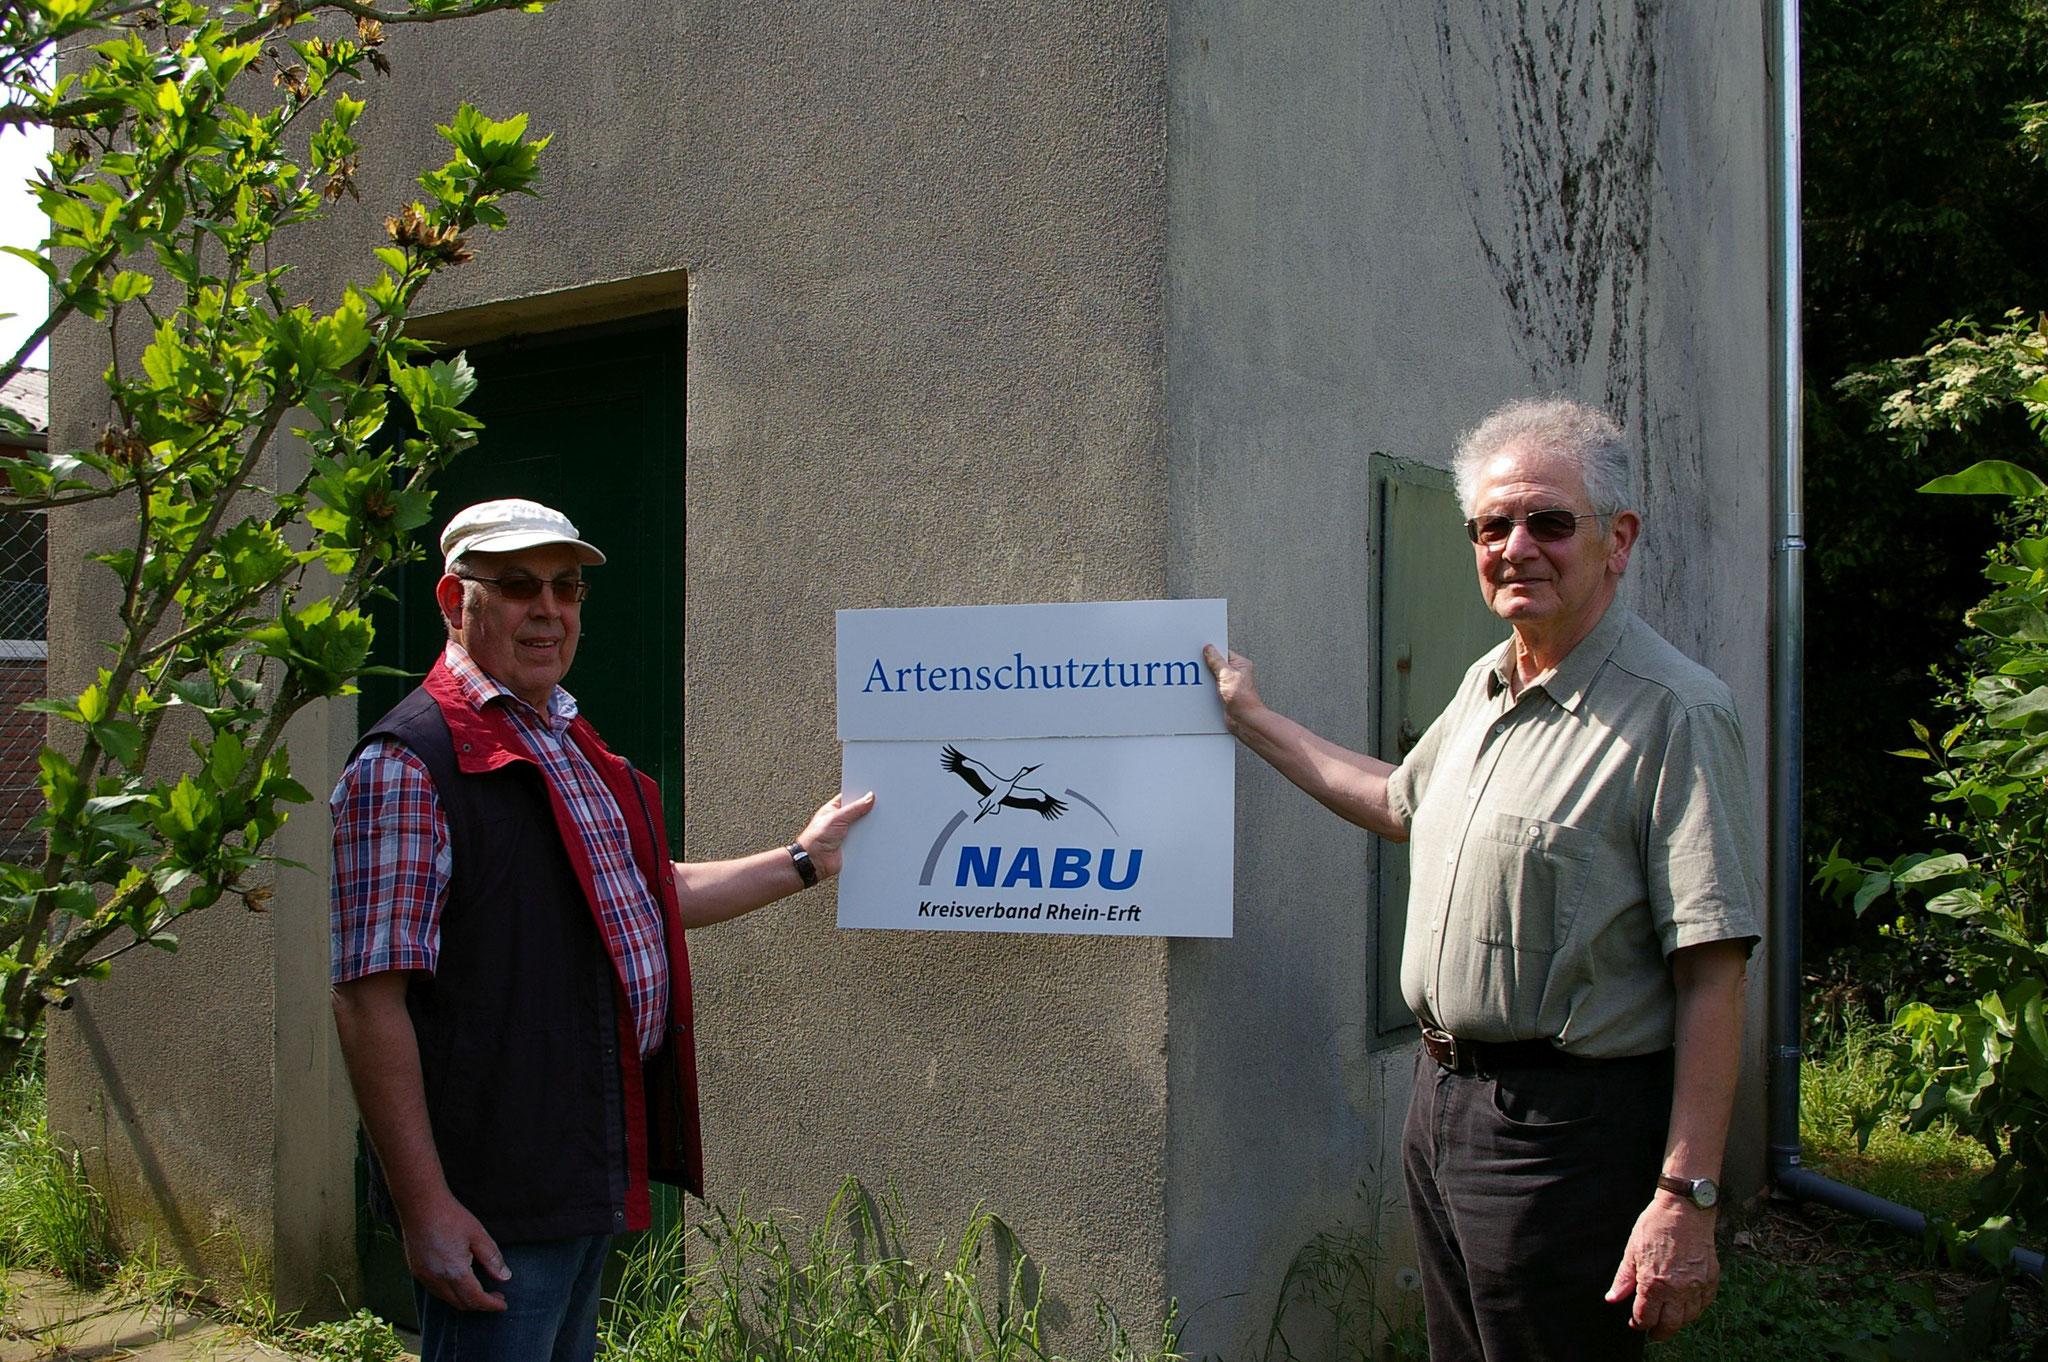 Artenschutzturm in Bedburg Bild: Susanne Kirsch